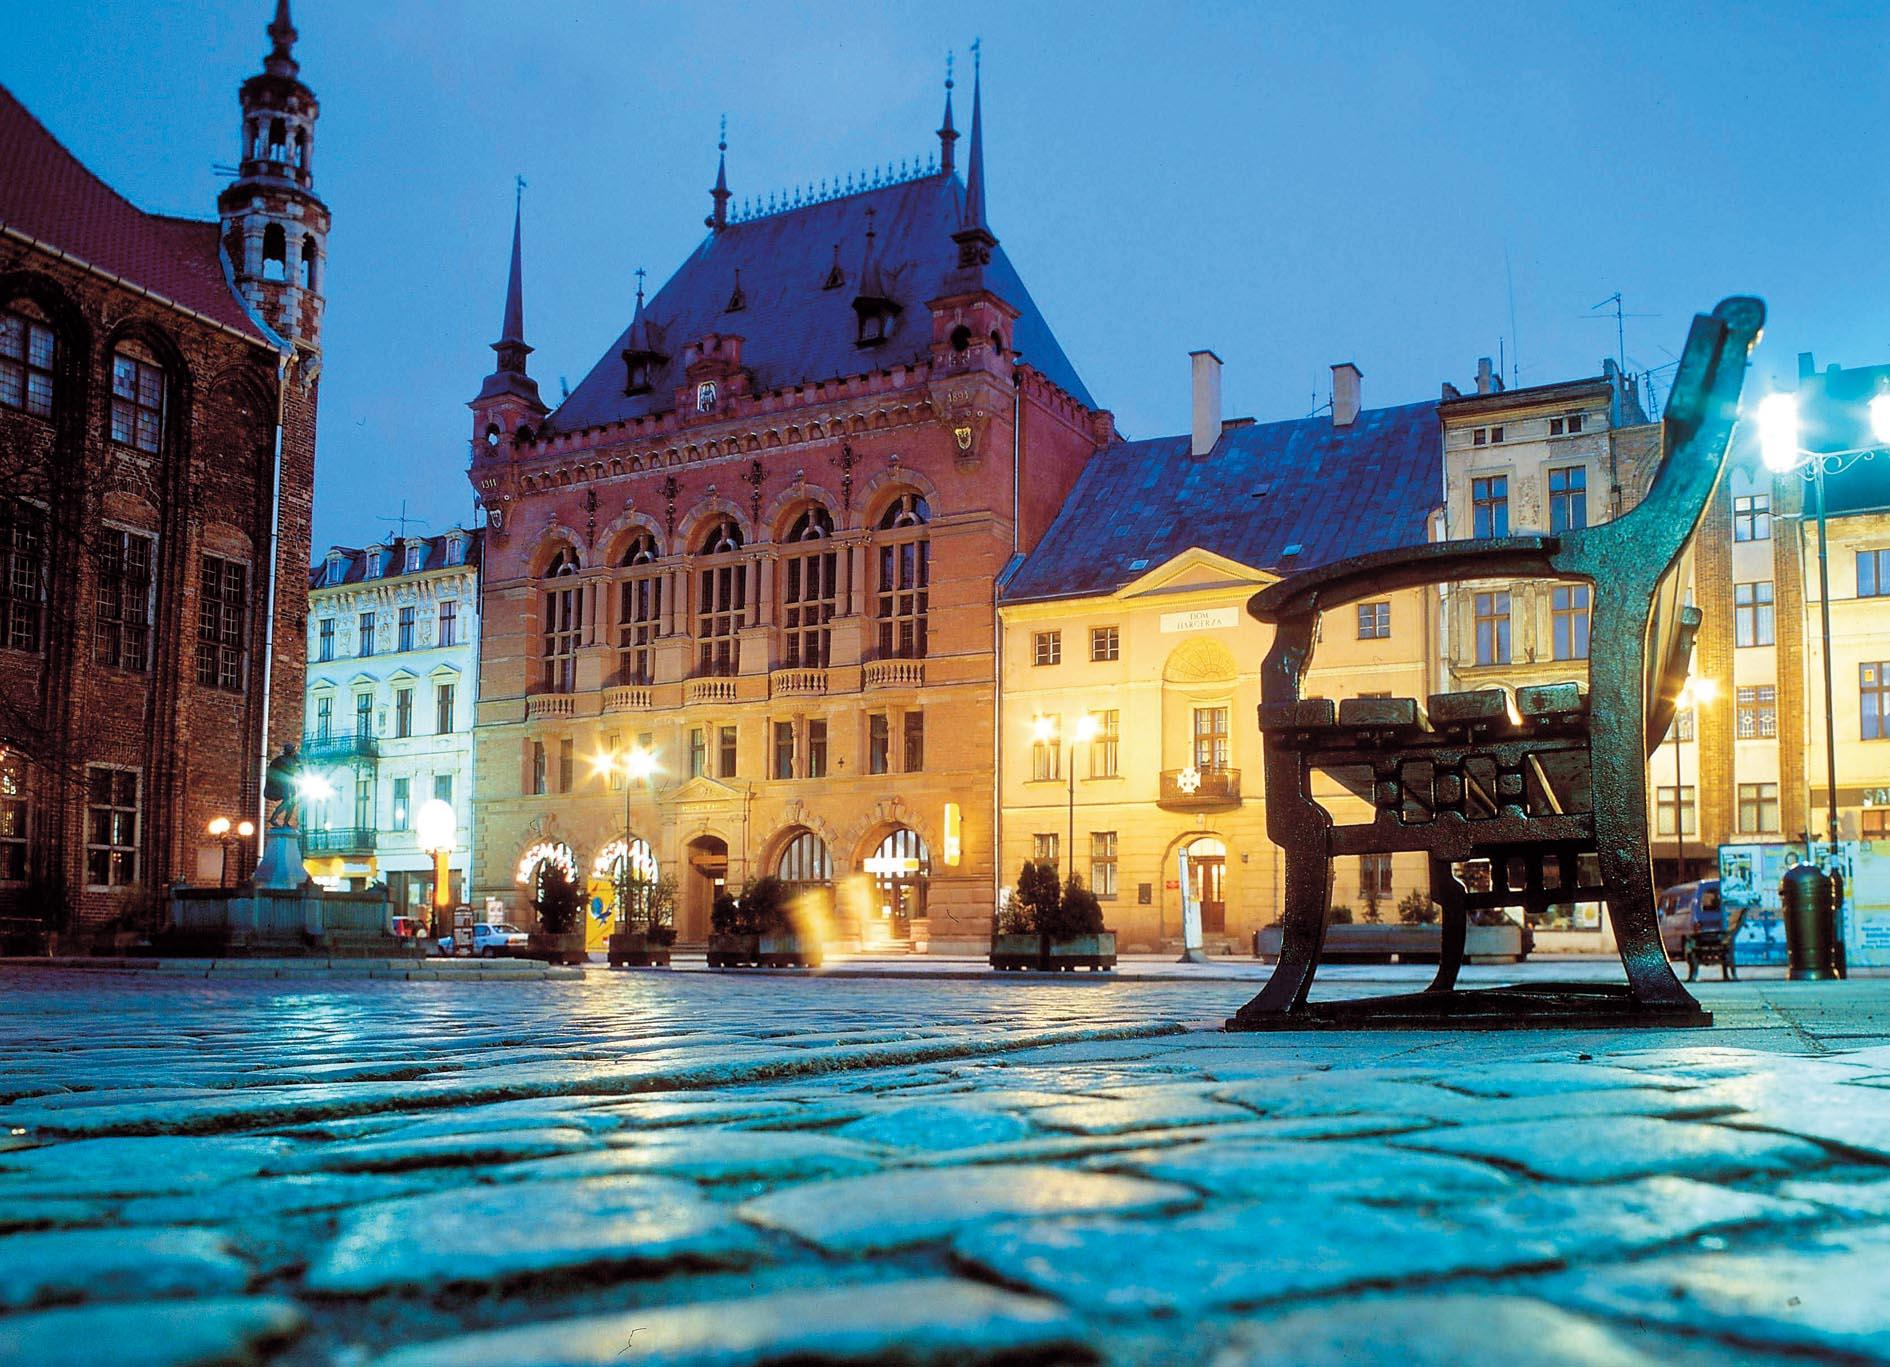 Релакс массаж туры на новый год в европу из курска органов государственной власти